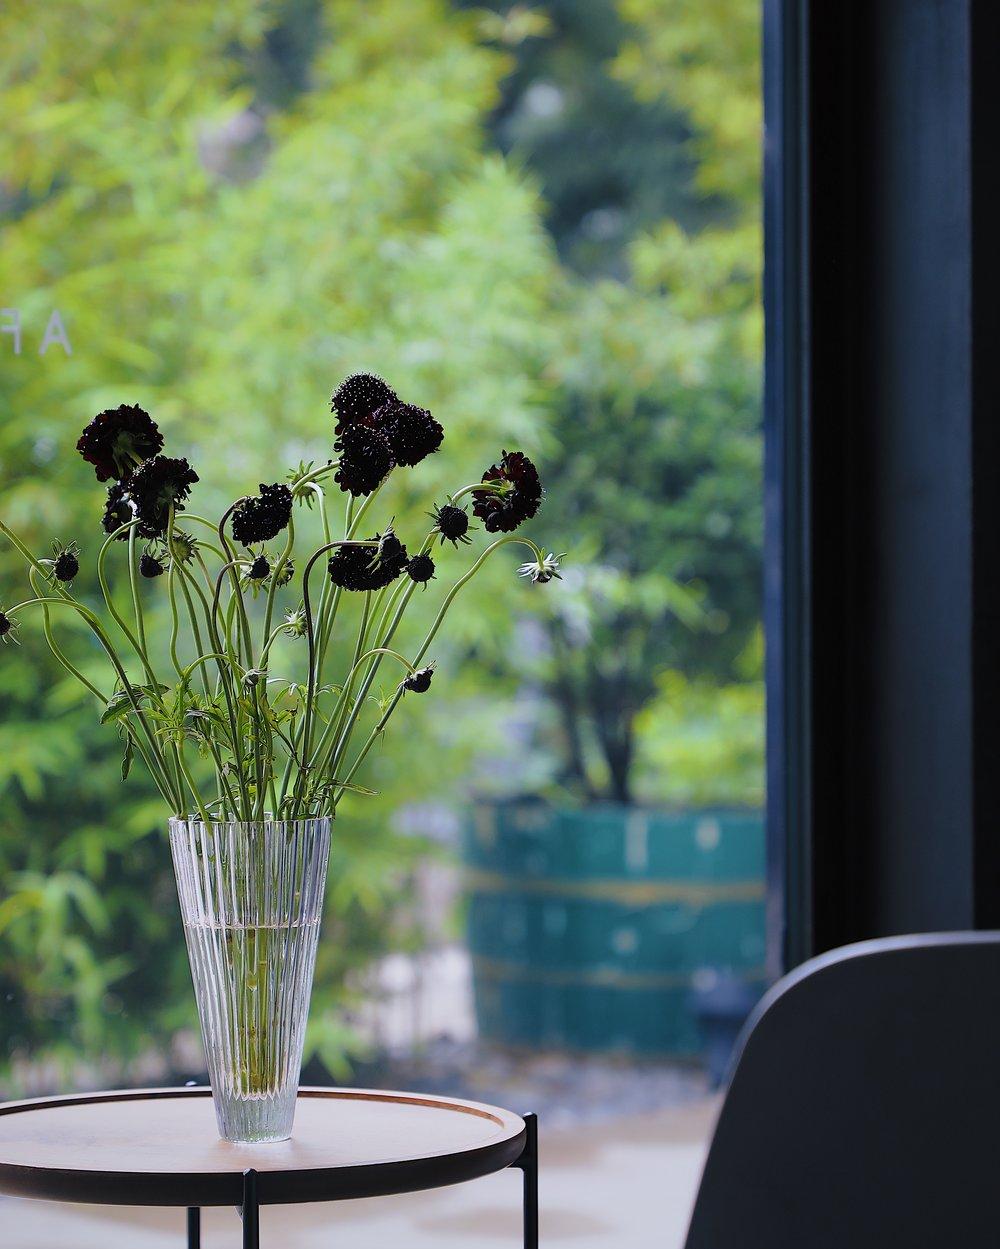 SUGA HARA - 菅原工芸硝子成立于1932年,坐落在在日本千叶县九十九里町。虽然sghr在日本玻璃制品行业的地位非常高,但工坊的面积并不大,每天只有30 位手工匠人在这里进行创作和生产玻璃器皿。对于sghr的每一位匠人来说,玻璃是有温度的,是有生命的,坚硬但也柔软。他们就像造物主一样,每一个手工打磨出来的玻璃,即便是同一个造型也各有各的性格和特点。